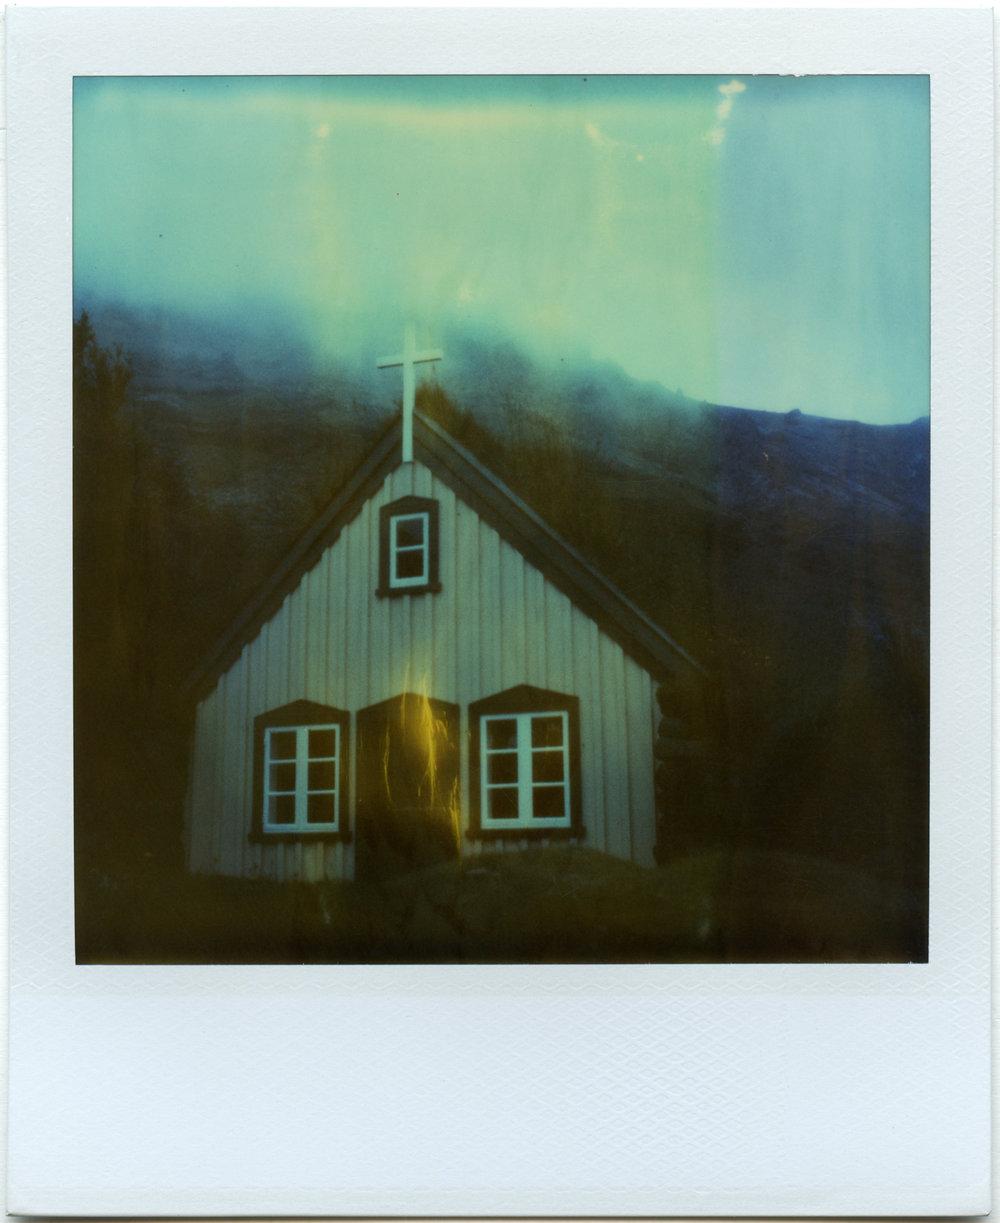 """""""Solitude"""" - Expired Polaroid Time Zero Film - 2018"""